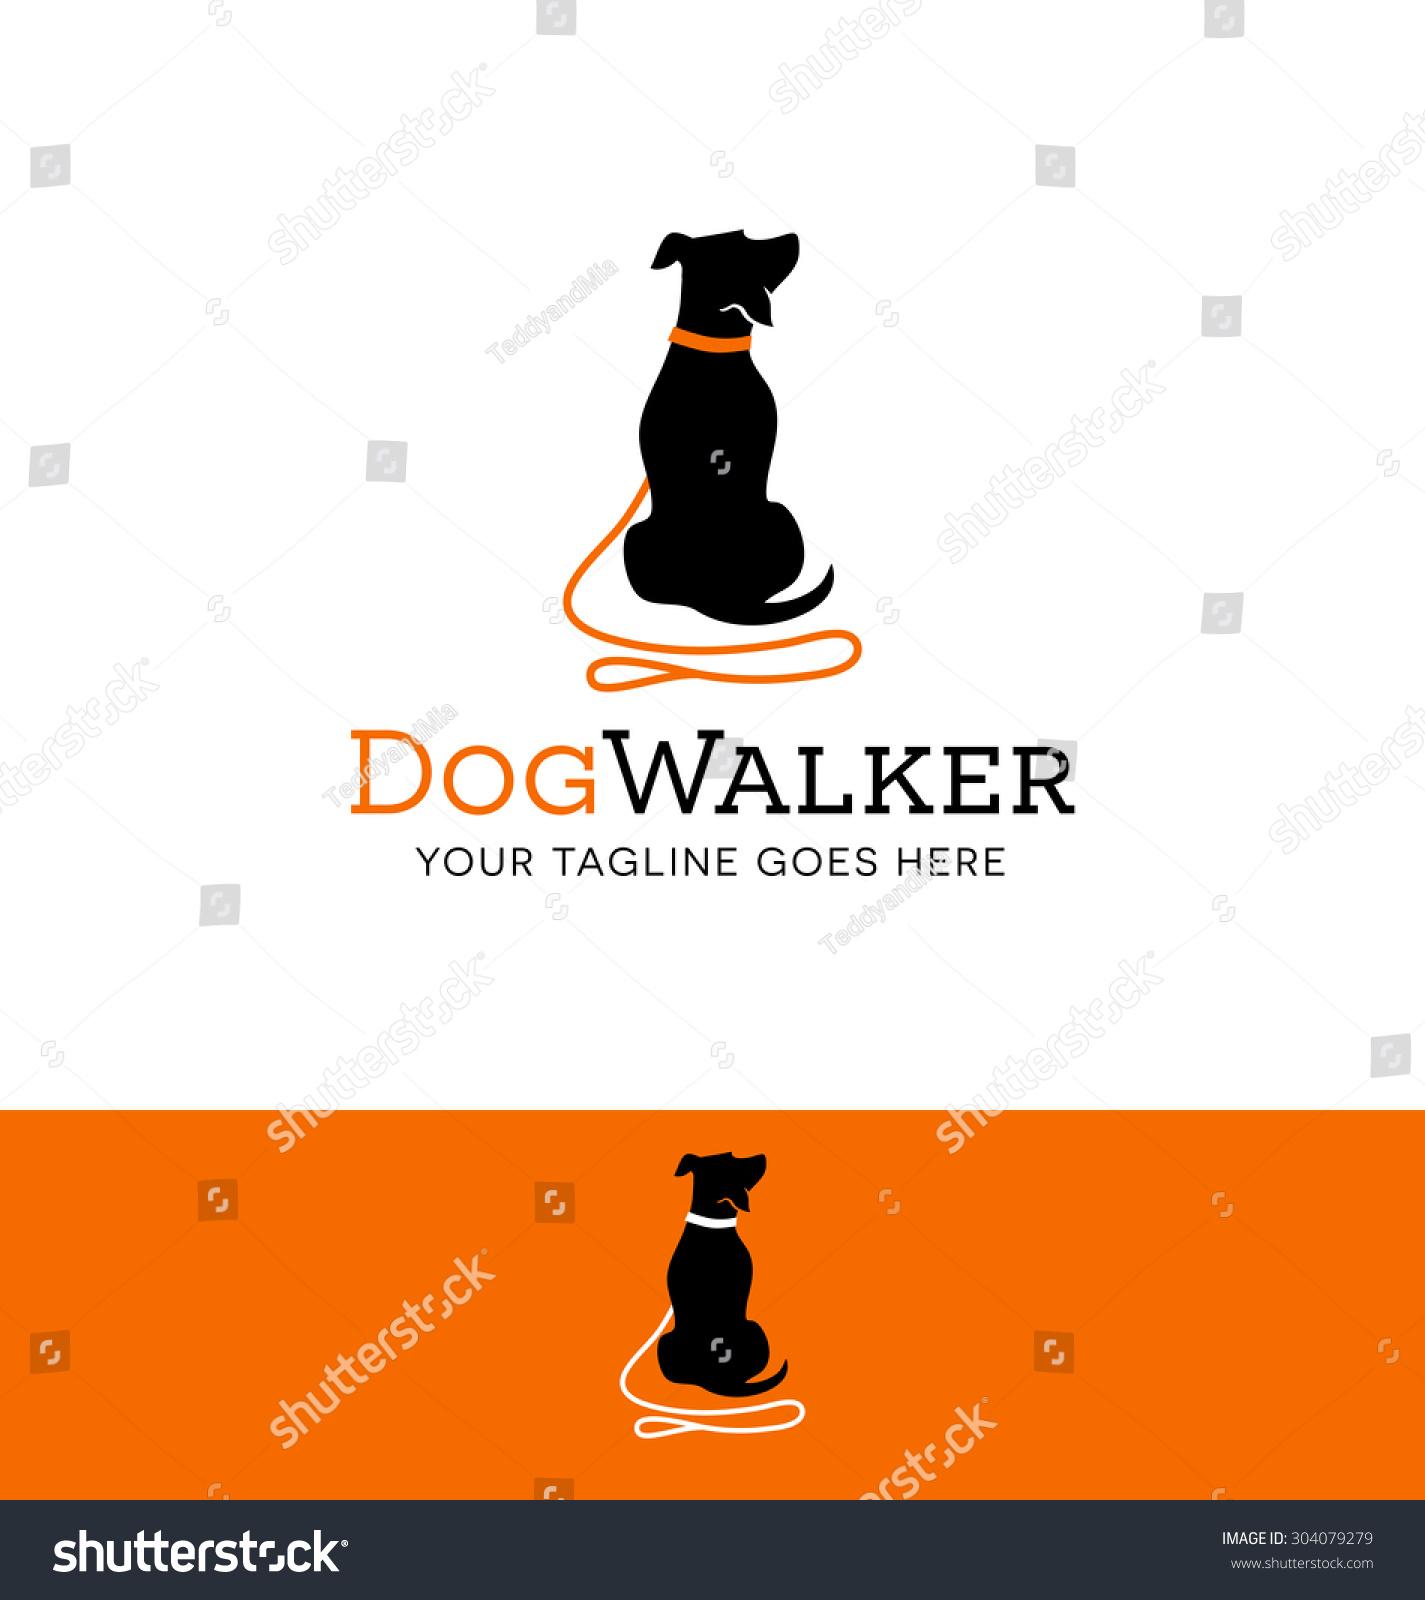 logo design dog walking training dog stock vector  logo design for dog walking training or dog related business